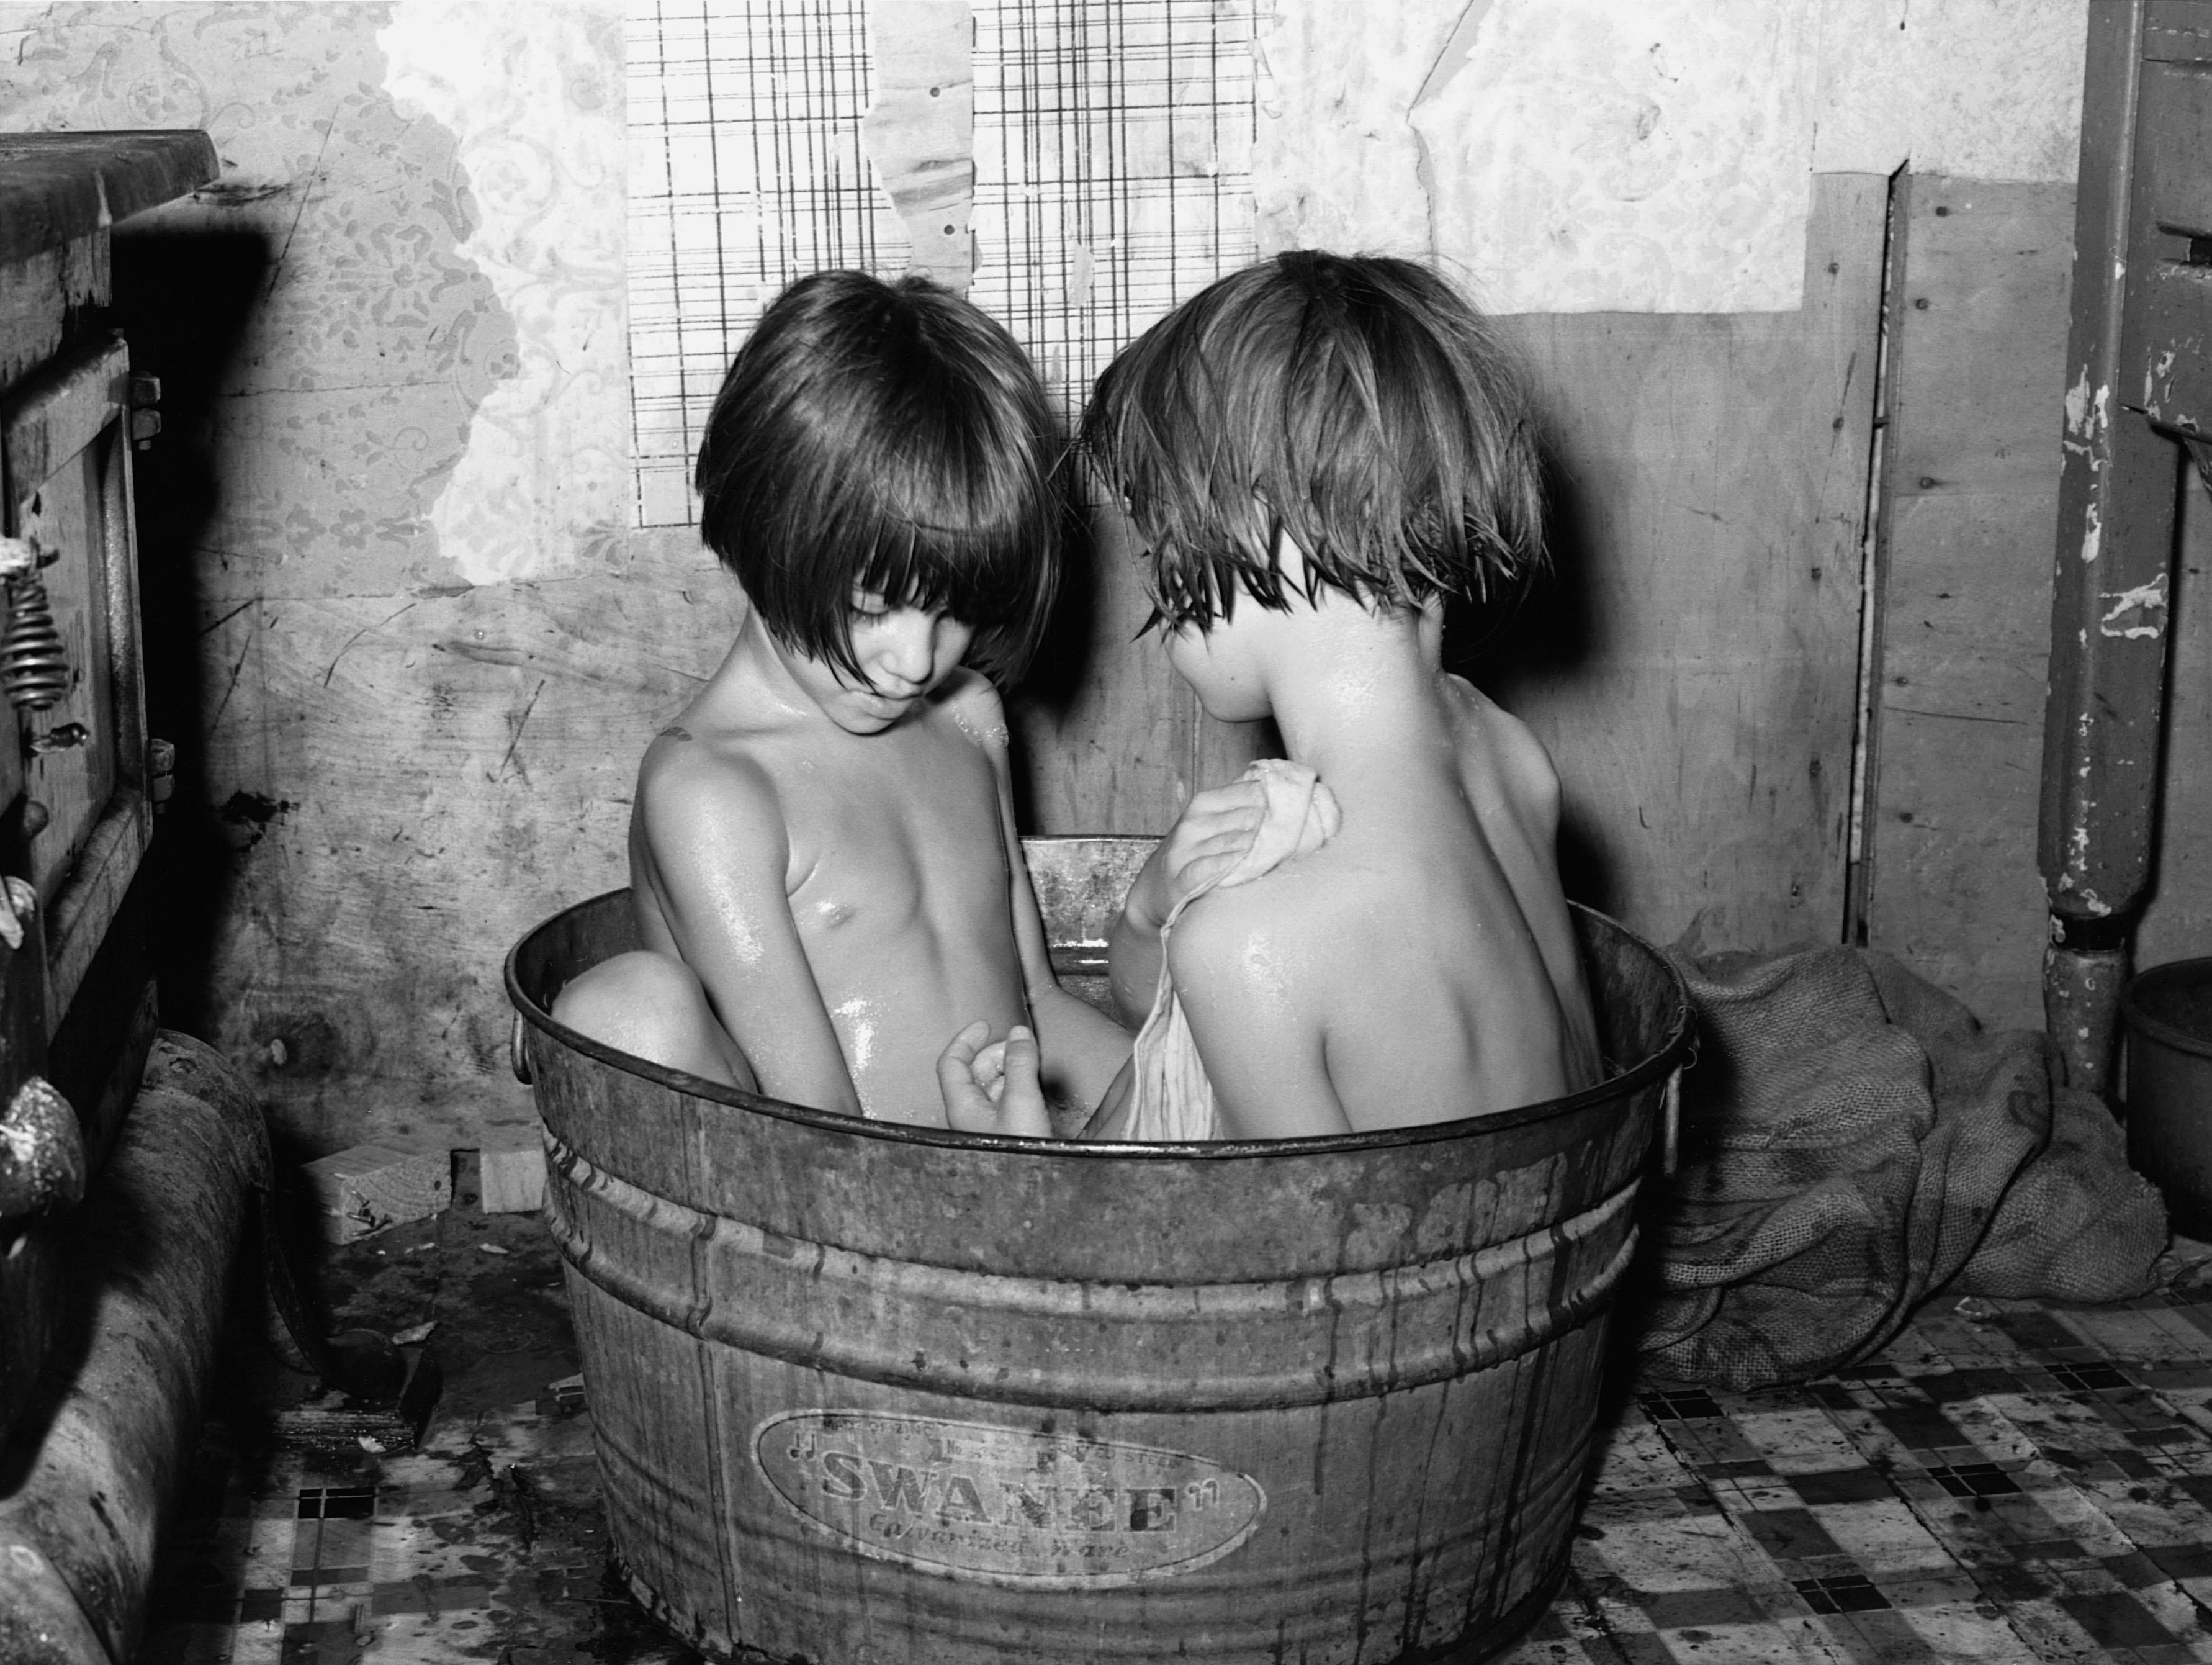 Чёрно белые фото натуристов бесплатно 2 фотография